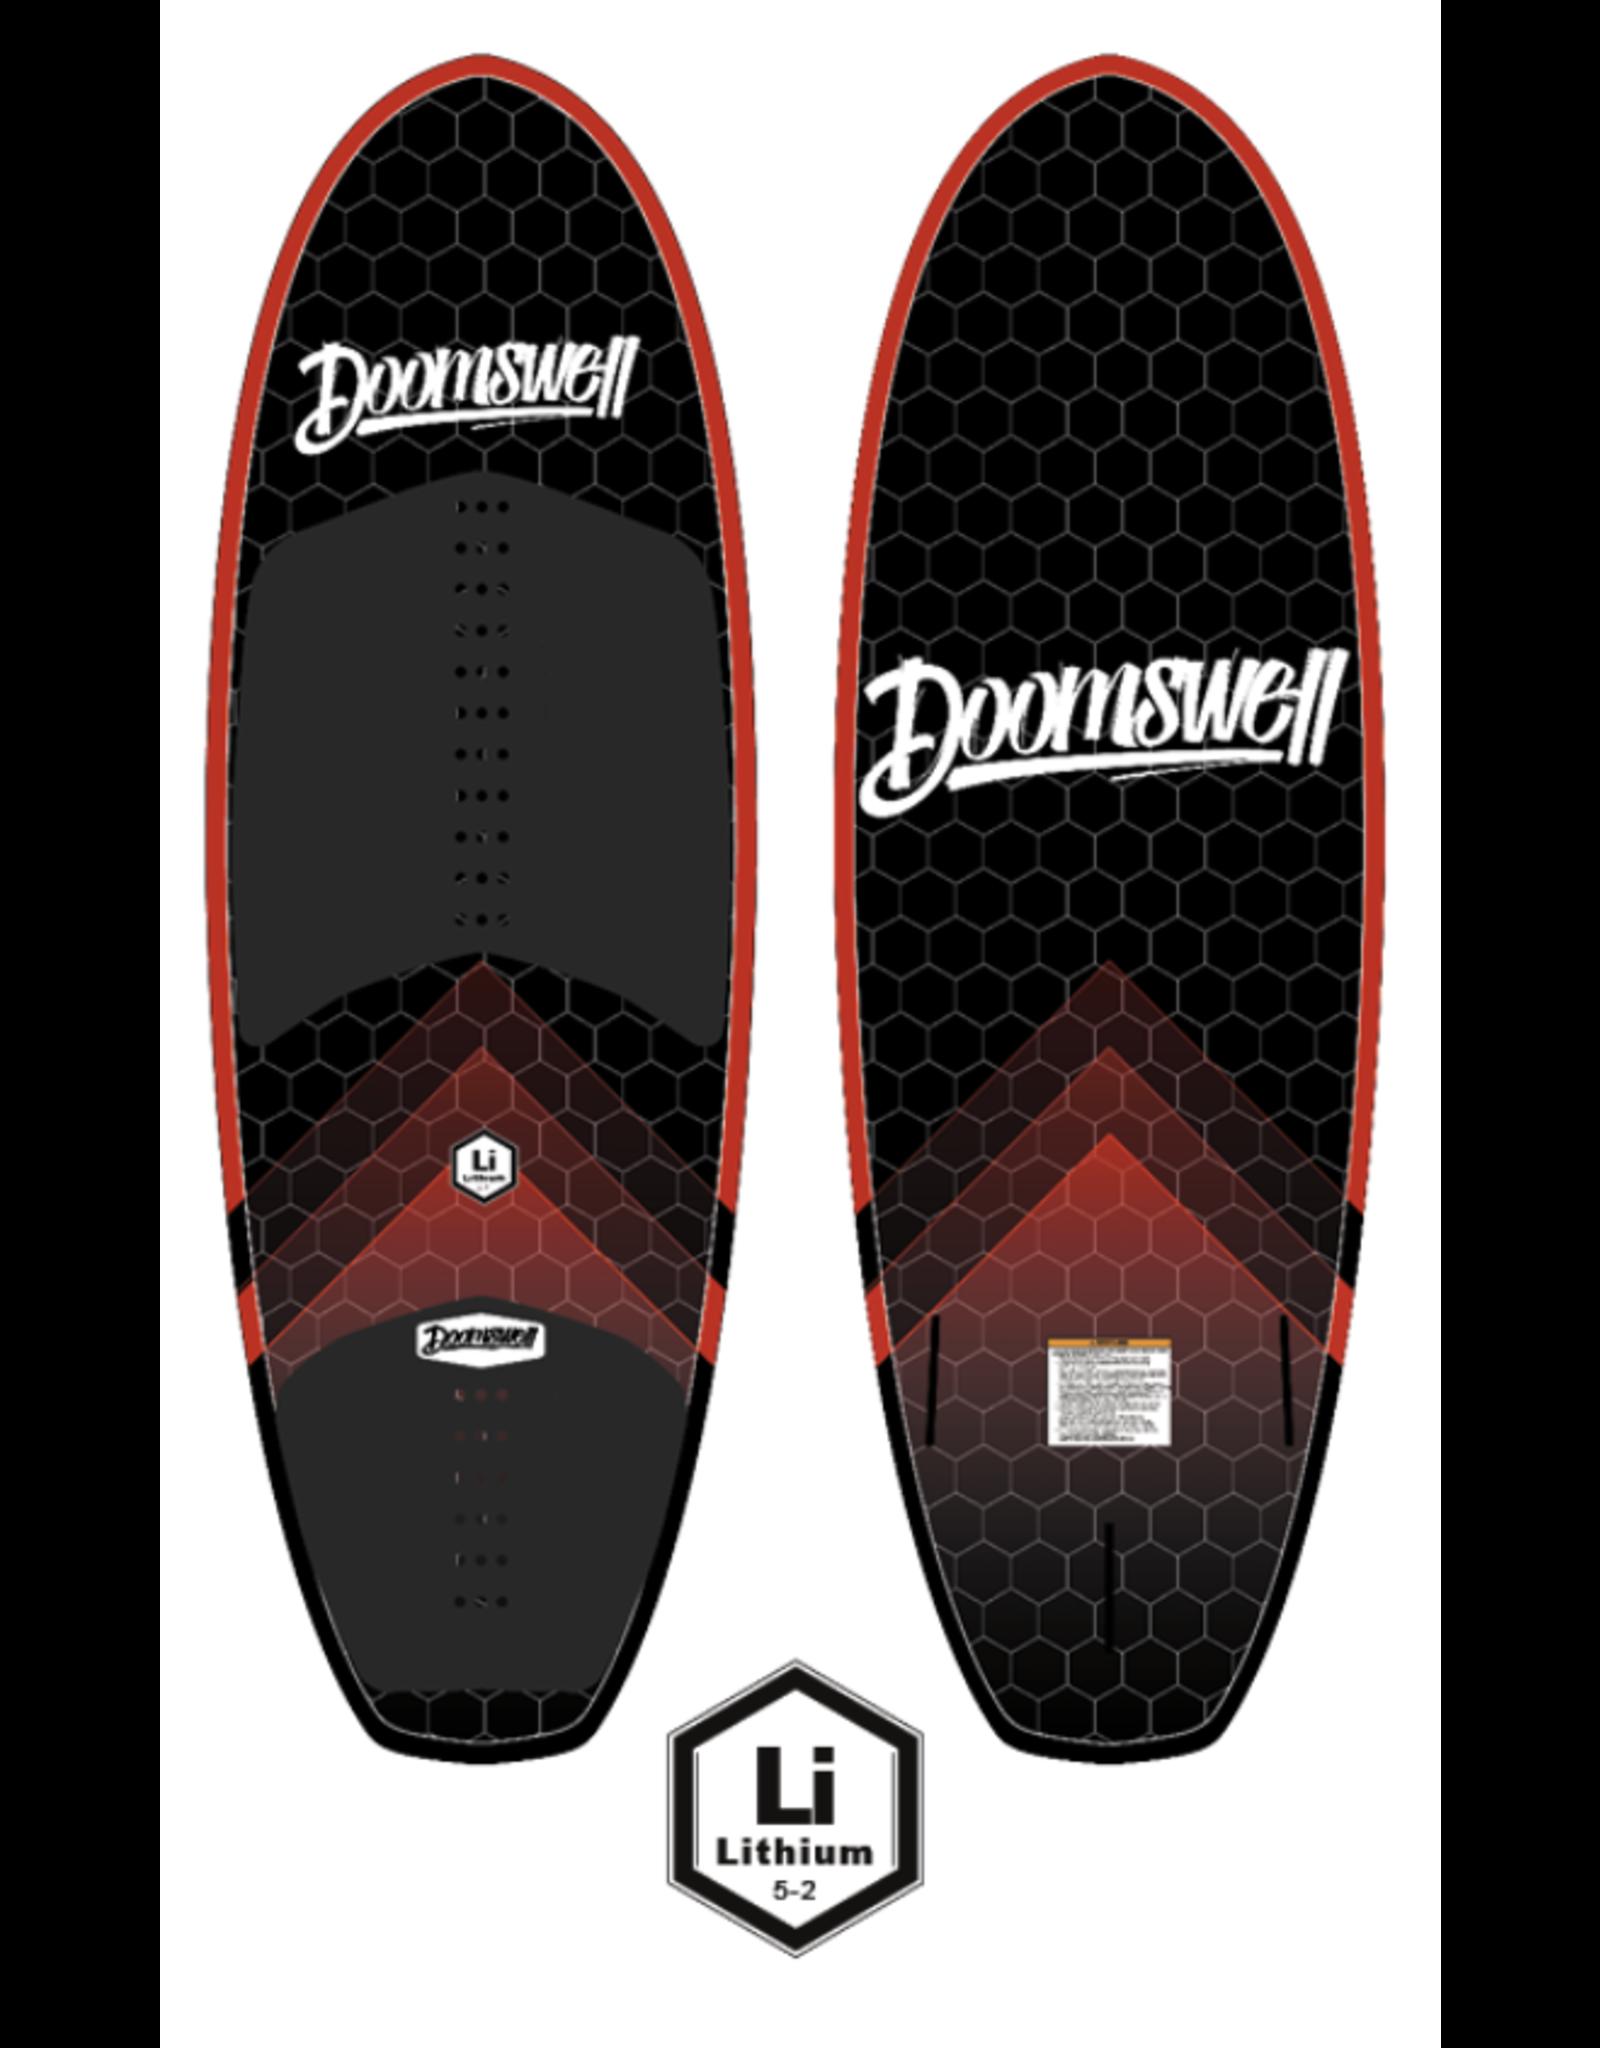 Doomswell 2021 Lithium 5'-2 Wakesurfer